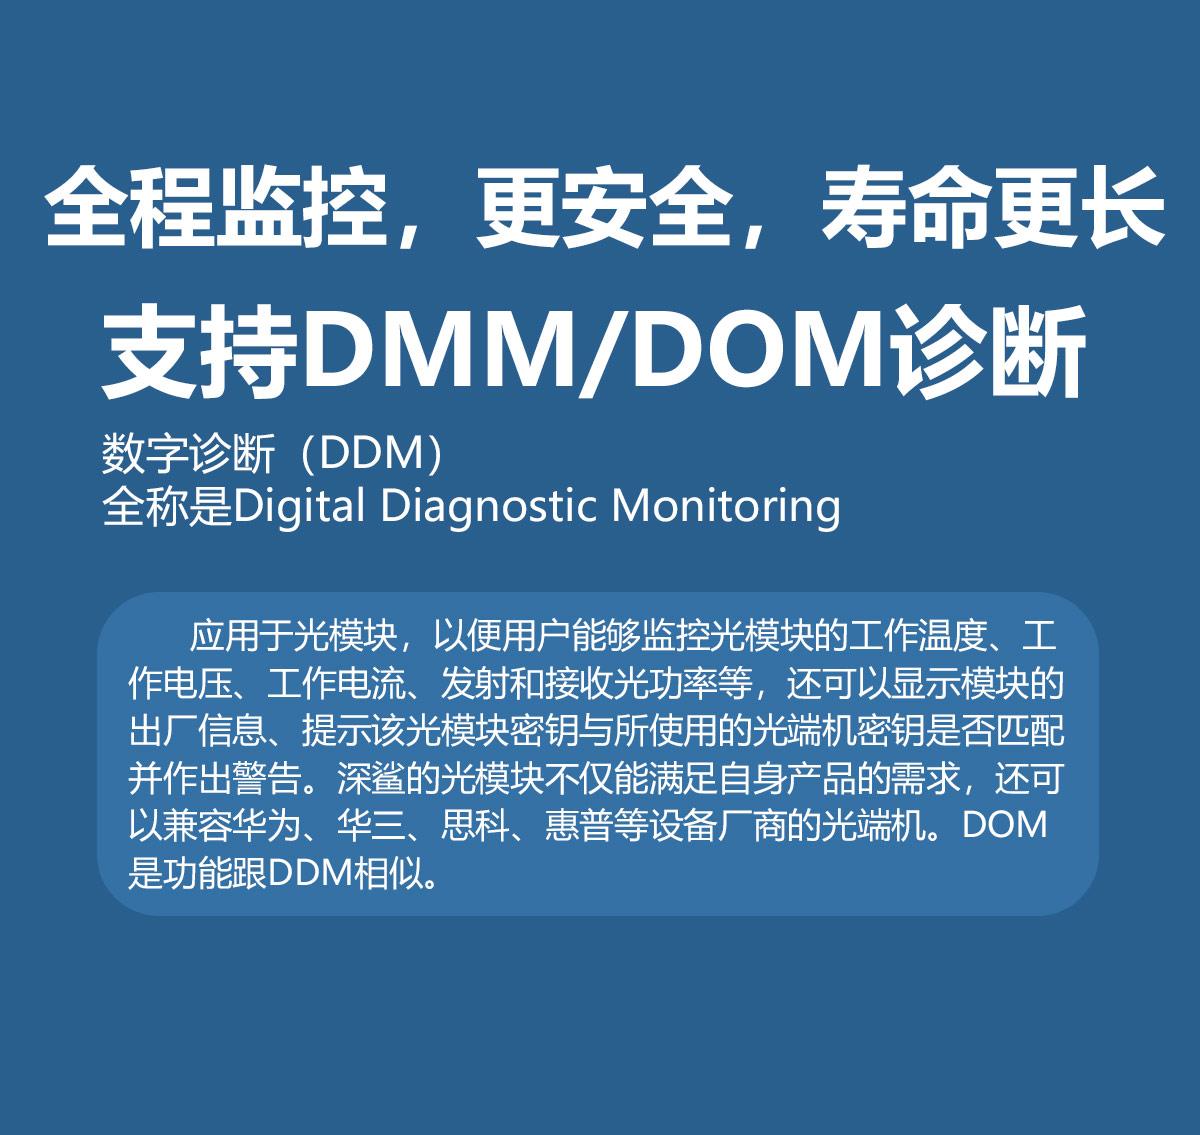 全程监控 更安全 寿命更长 支持DMM DOM 诊断 DDM全程 digital diagnosis monitoring 应用于光模块一遍用户能够监控光模块的工作温度、工作电压、工作电流、发射接受光功率等,还可以显示模块的出场信息,提示光模秘钥与所使用的的光端机秘钥是否匹配并作出警告。深鲨的光模块不仅能满足自身产品需求,还可以兼容华为、华三、思科、惠普等设备厂商的光刻机。DOM功能与DDM相似